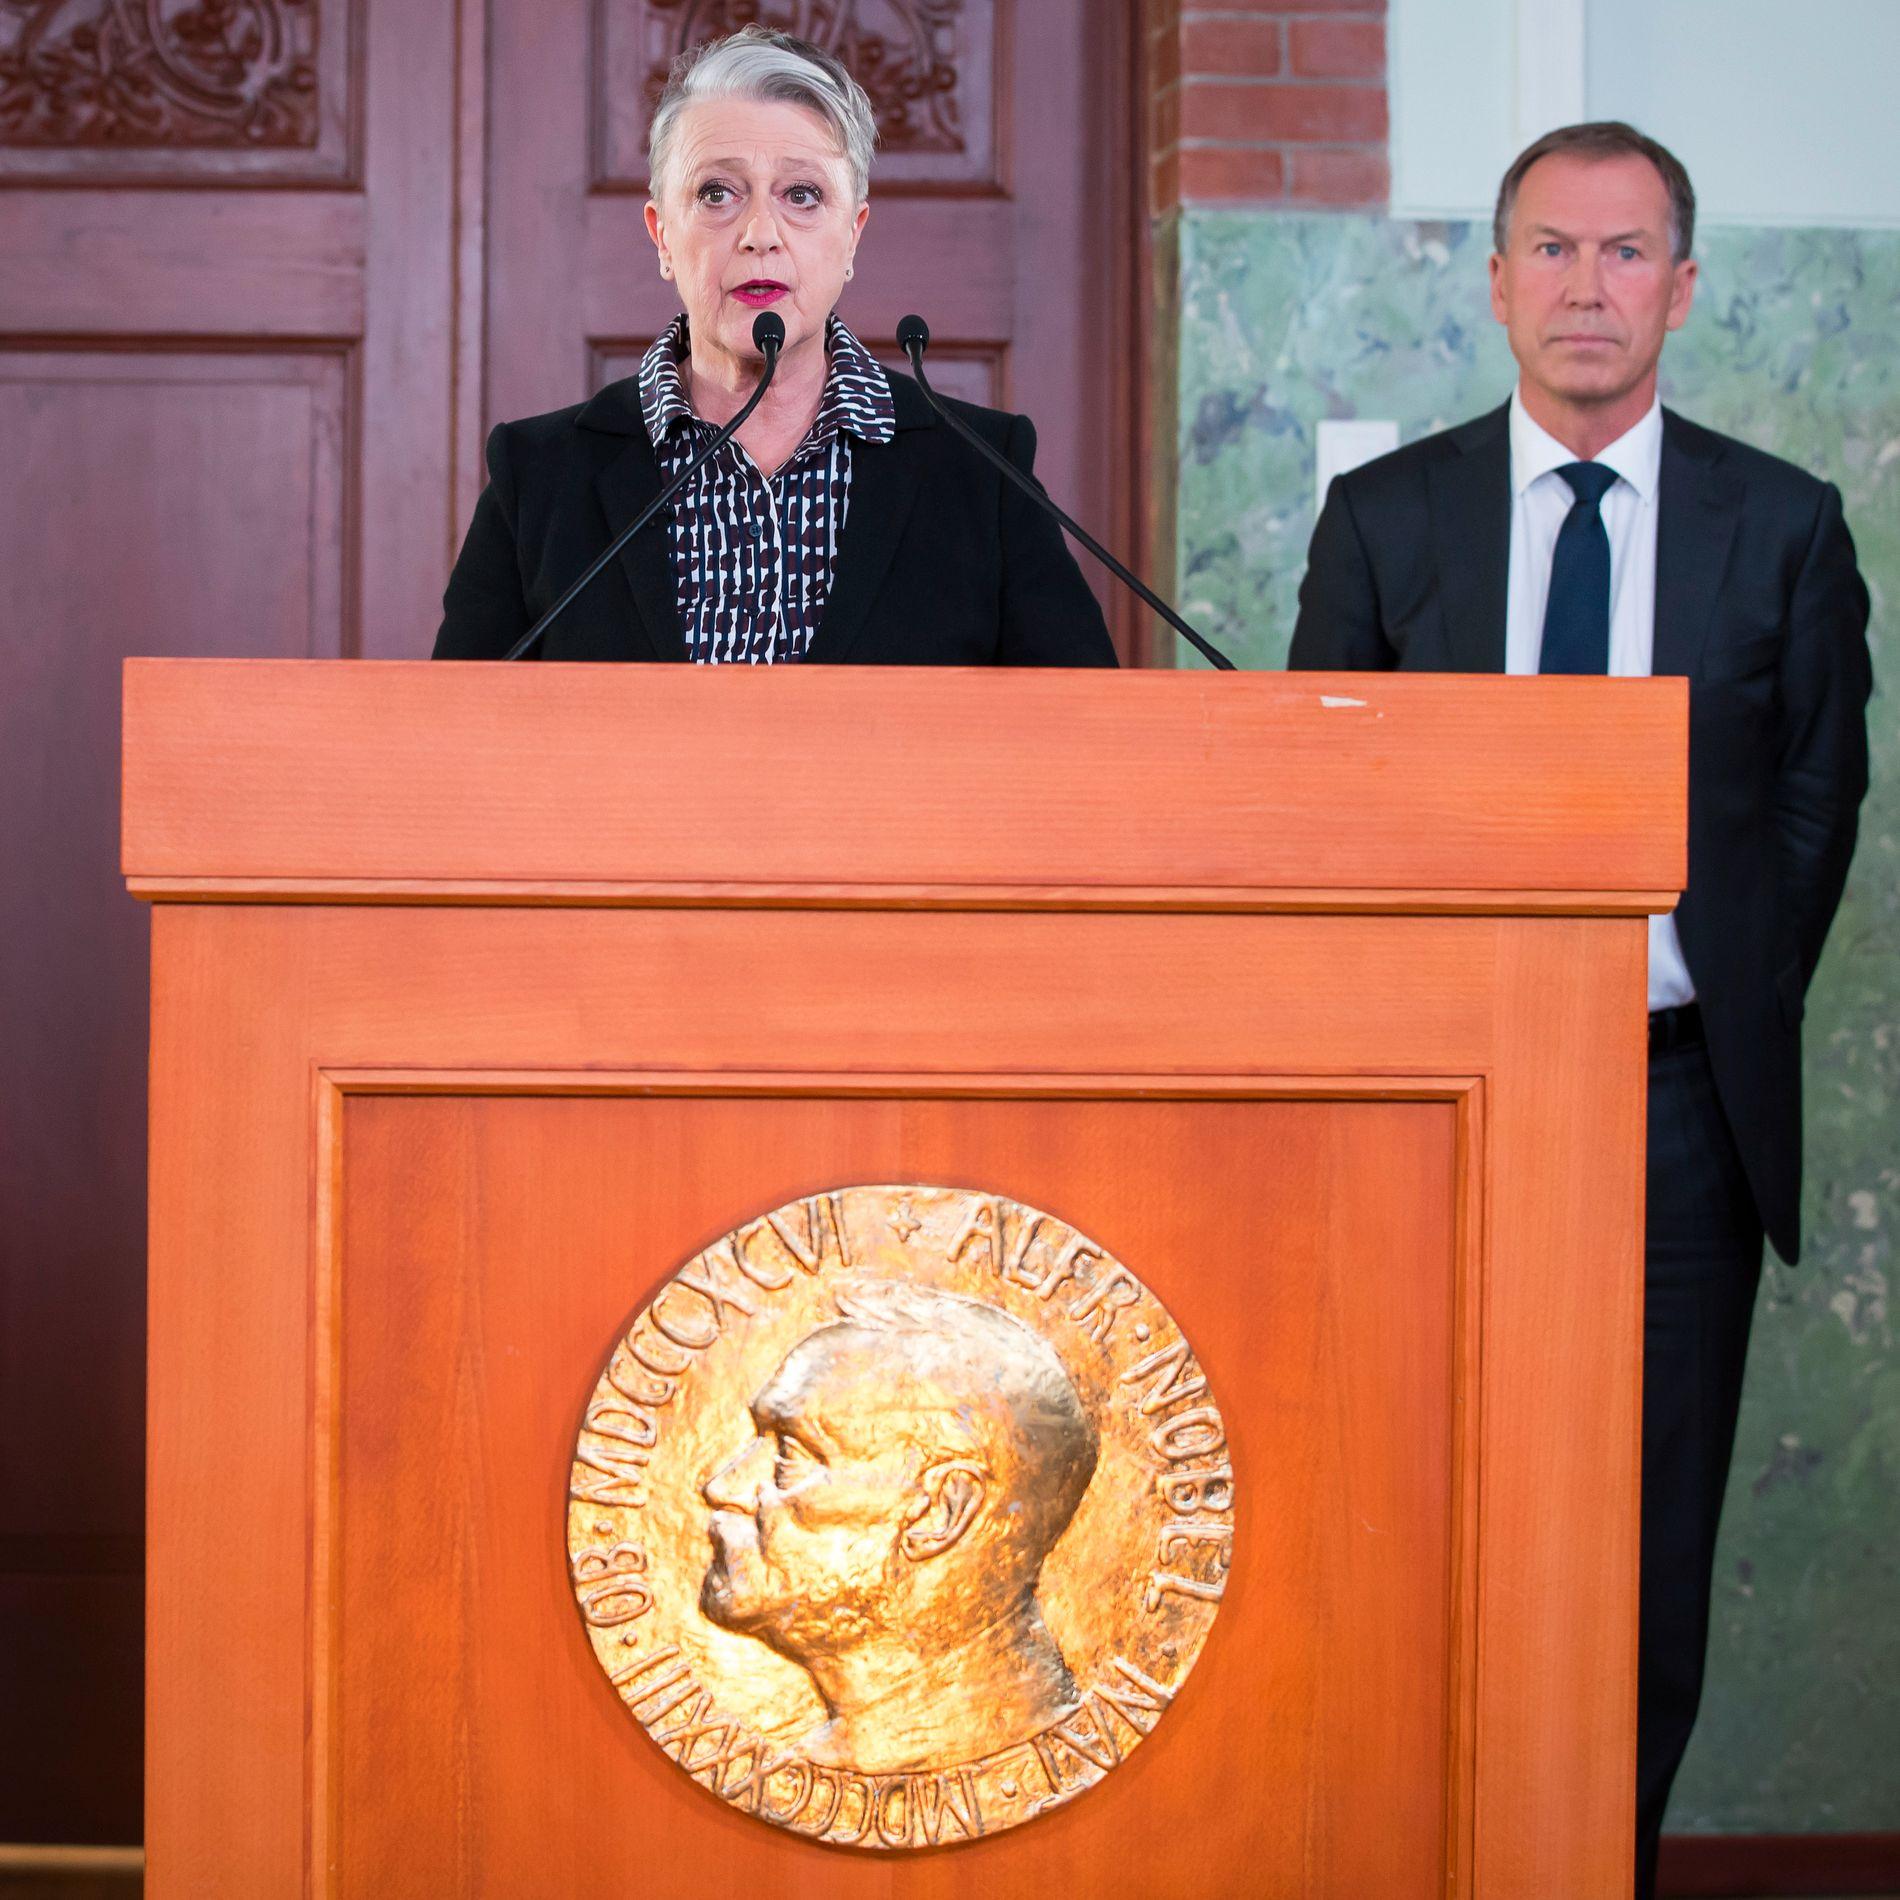 LOV BETYR NOE: Nobelkomiteens leder Berit Reiss-Andersen sa under kunngjøringen, etter å ha blitt konfrontert med at prisen kun er symbolsk fordi ingen av atomvåpenstatene selv har signert FN-forbudet, «Jeg tror lov betyr noe. Internasjonale lover og forpliktelser har i vår erfaring hatt en effekt».